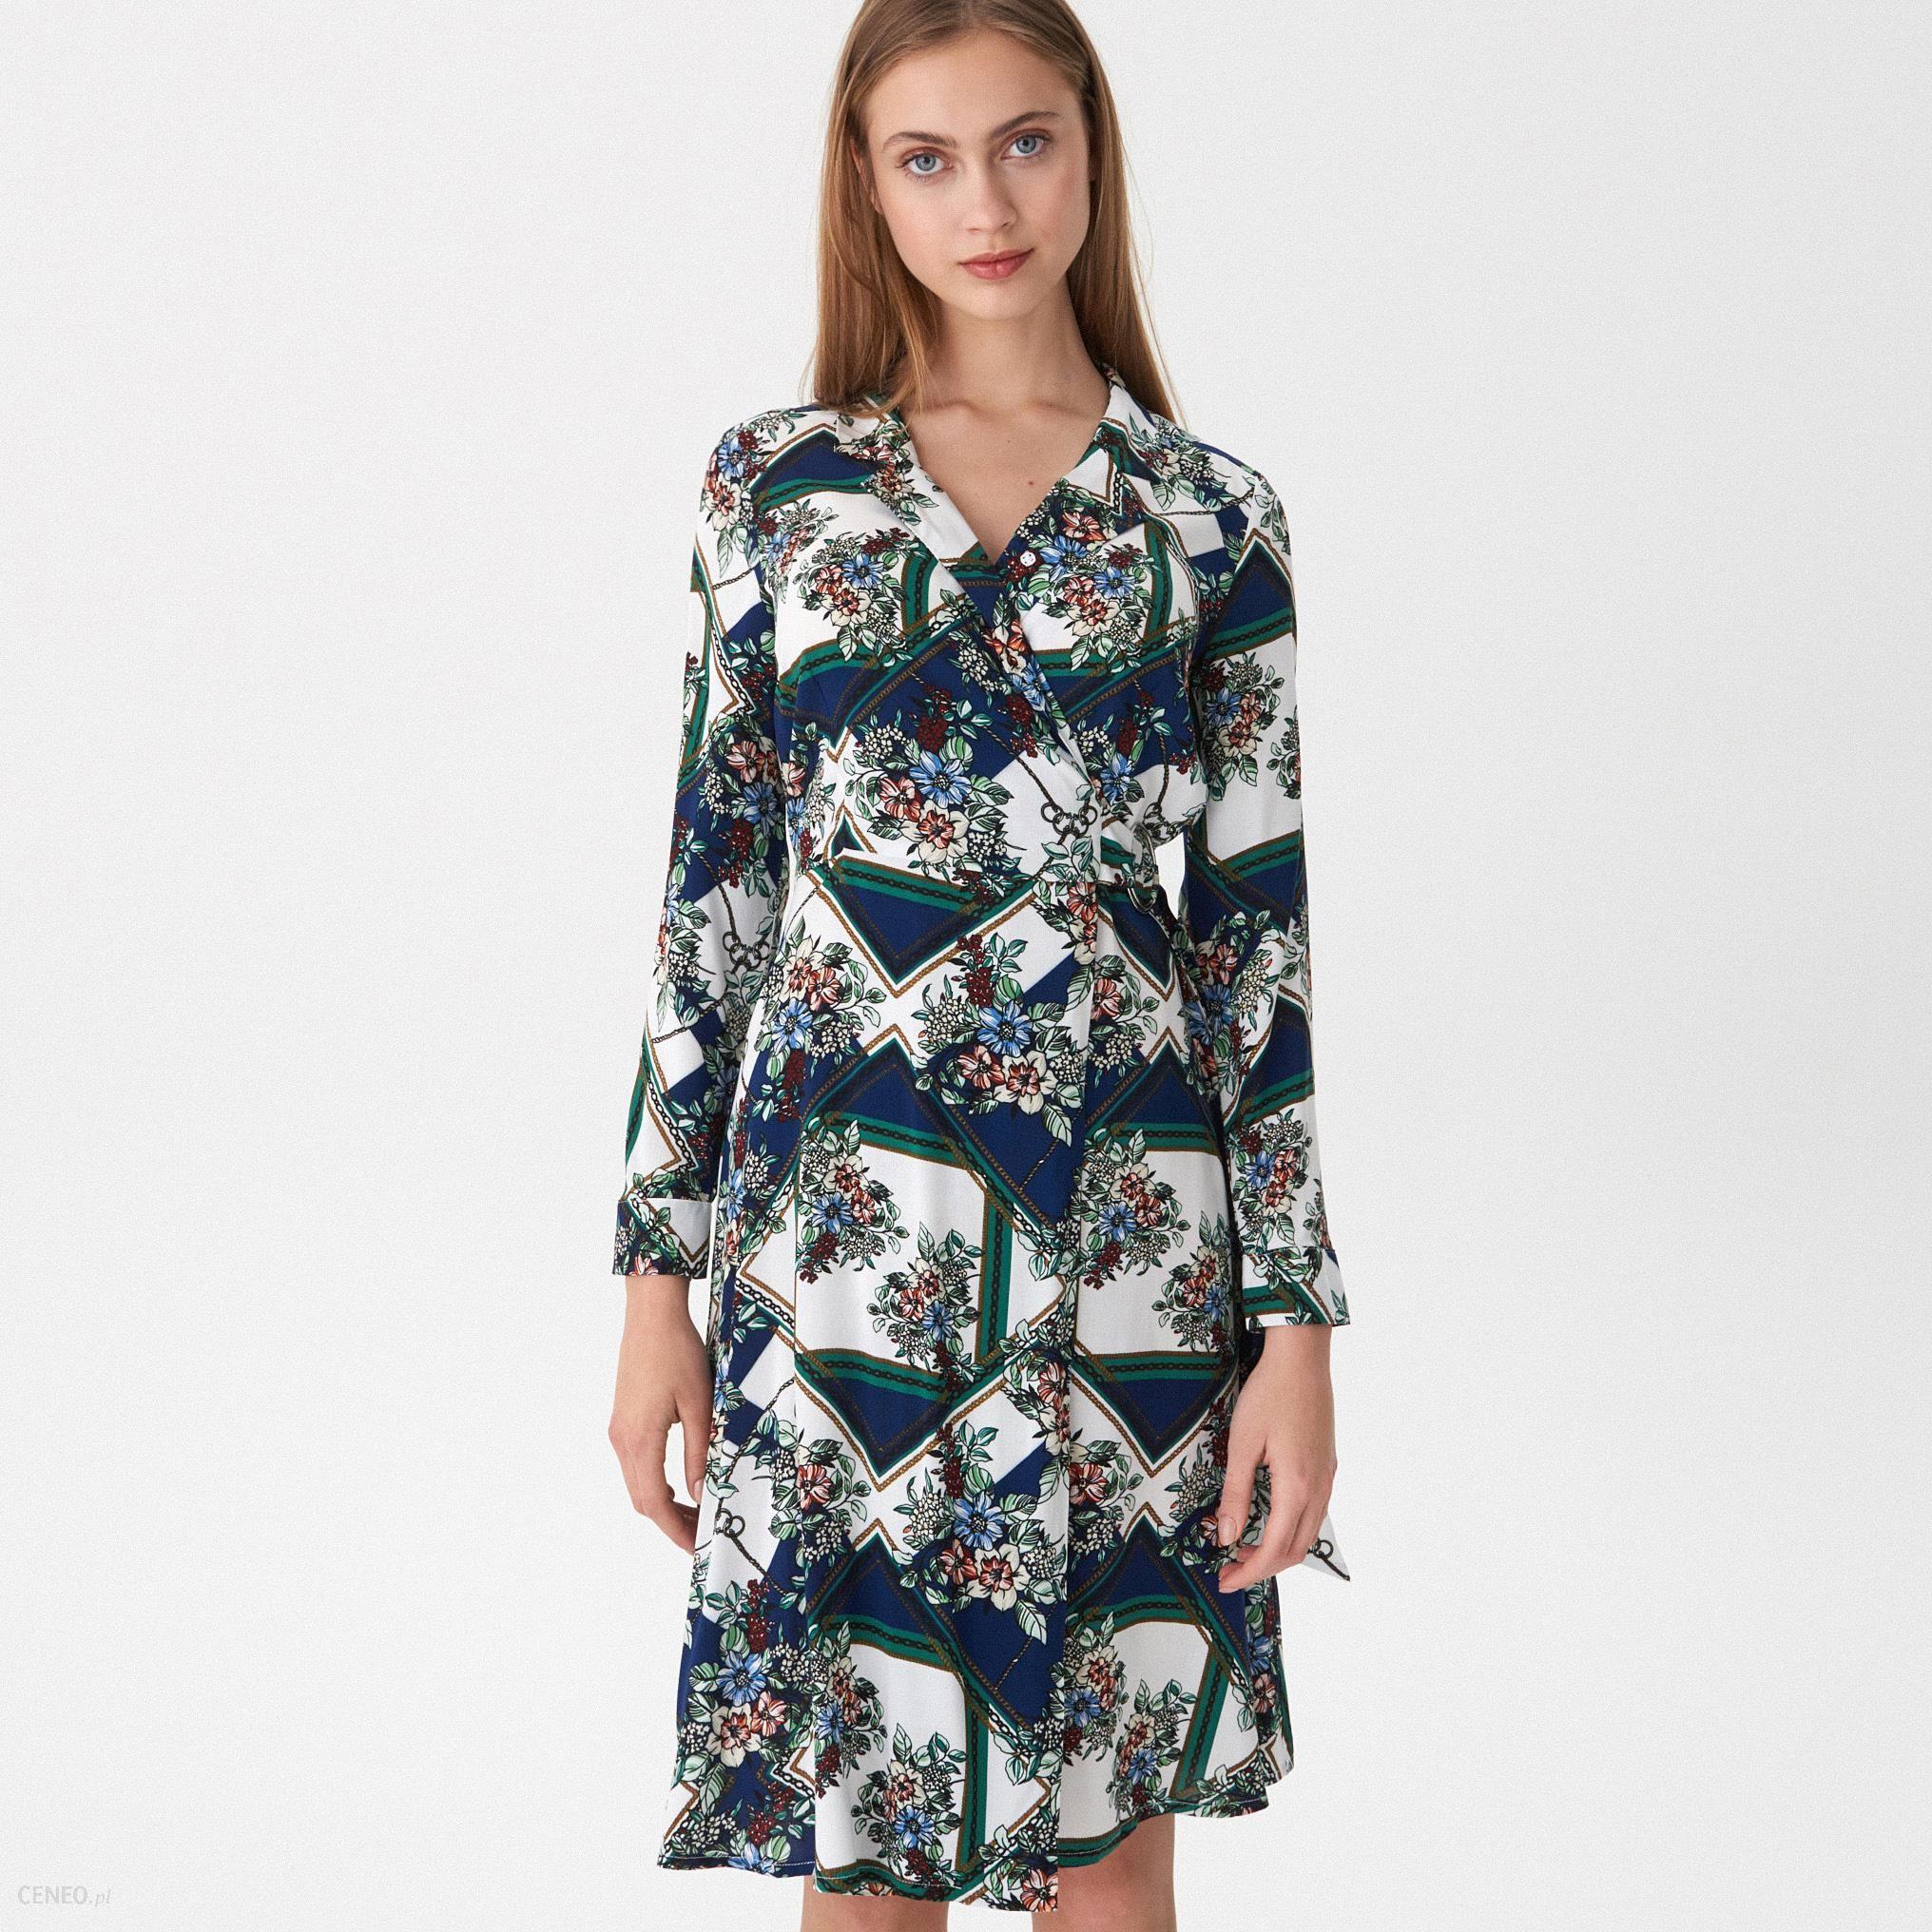 e09f508612 House - Wzorzysta sukienka - Wielobarwn - Ceny i opinie - Ceneo.pl